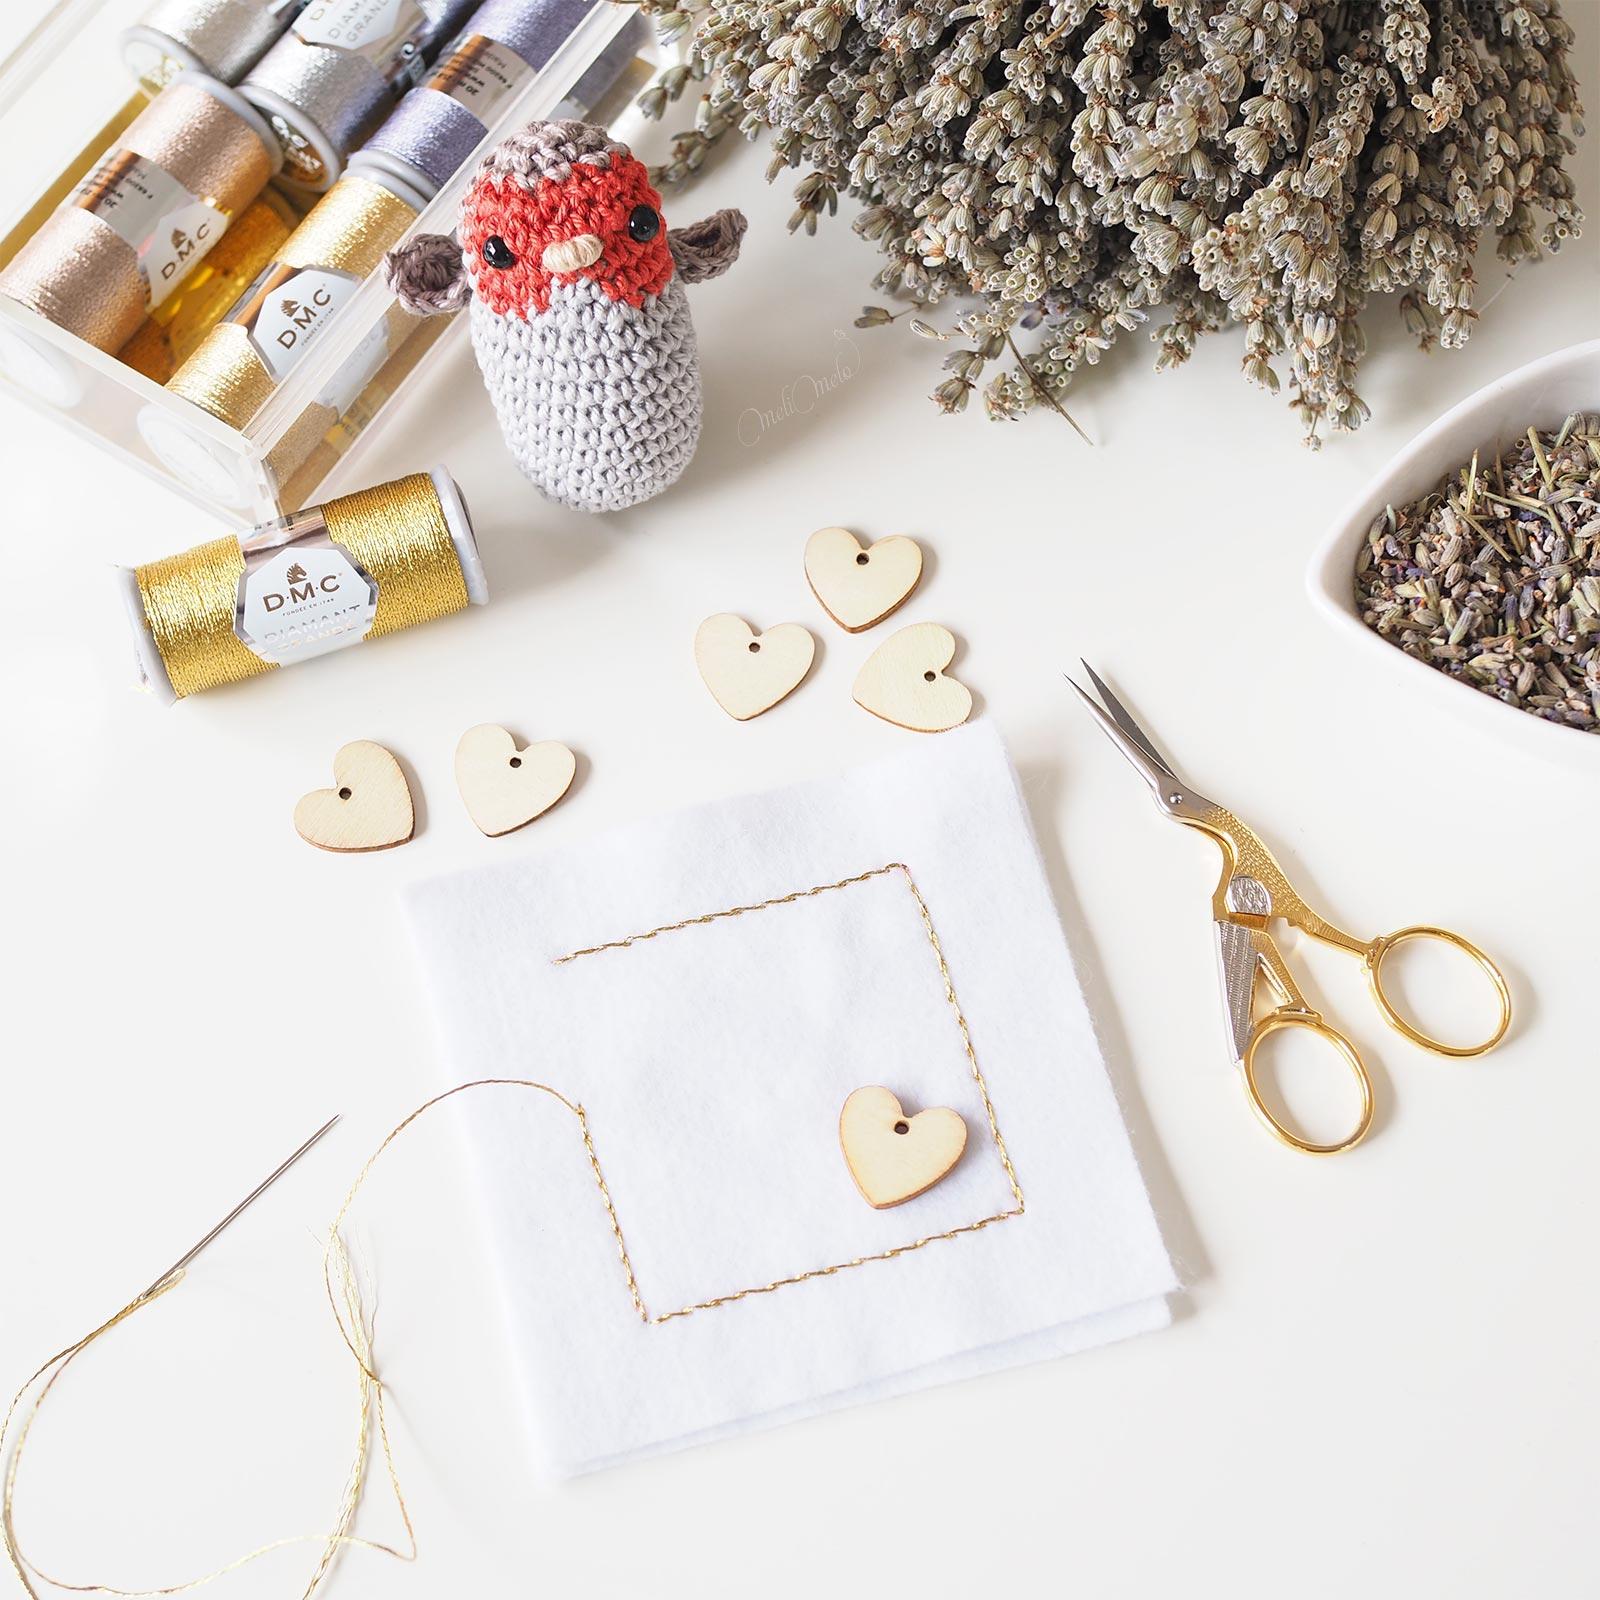 coussin lavande Provence crochet oiseau rouge-gorge DMC métallisé Diamant Boutique MeliMelo